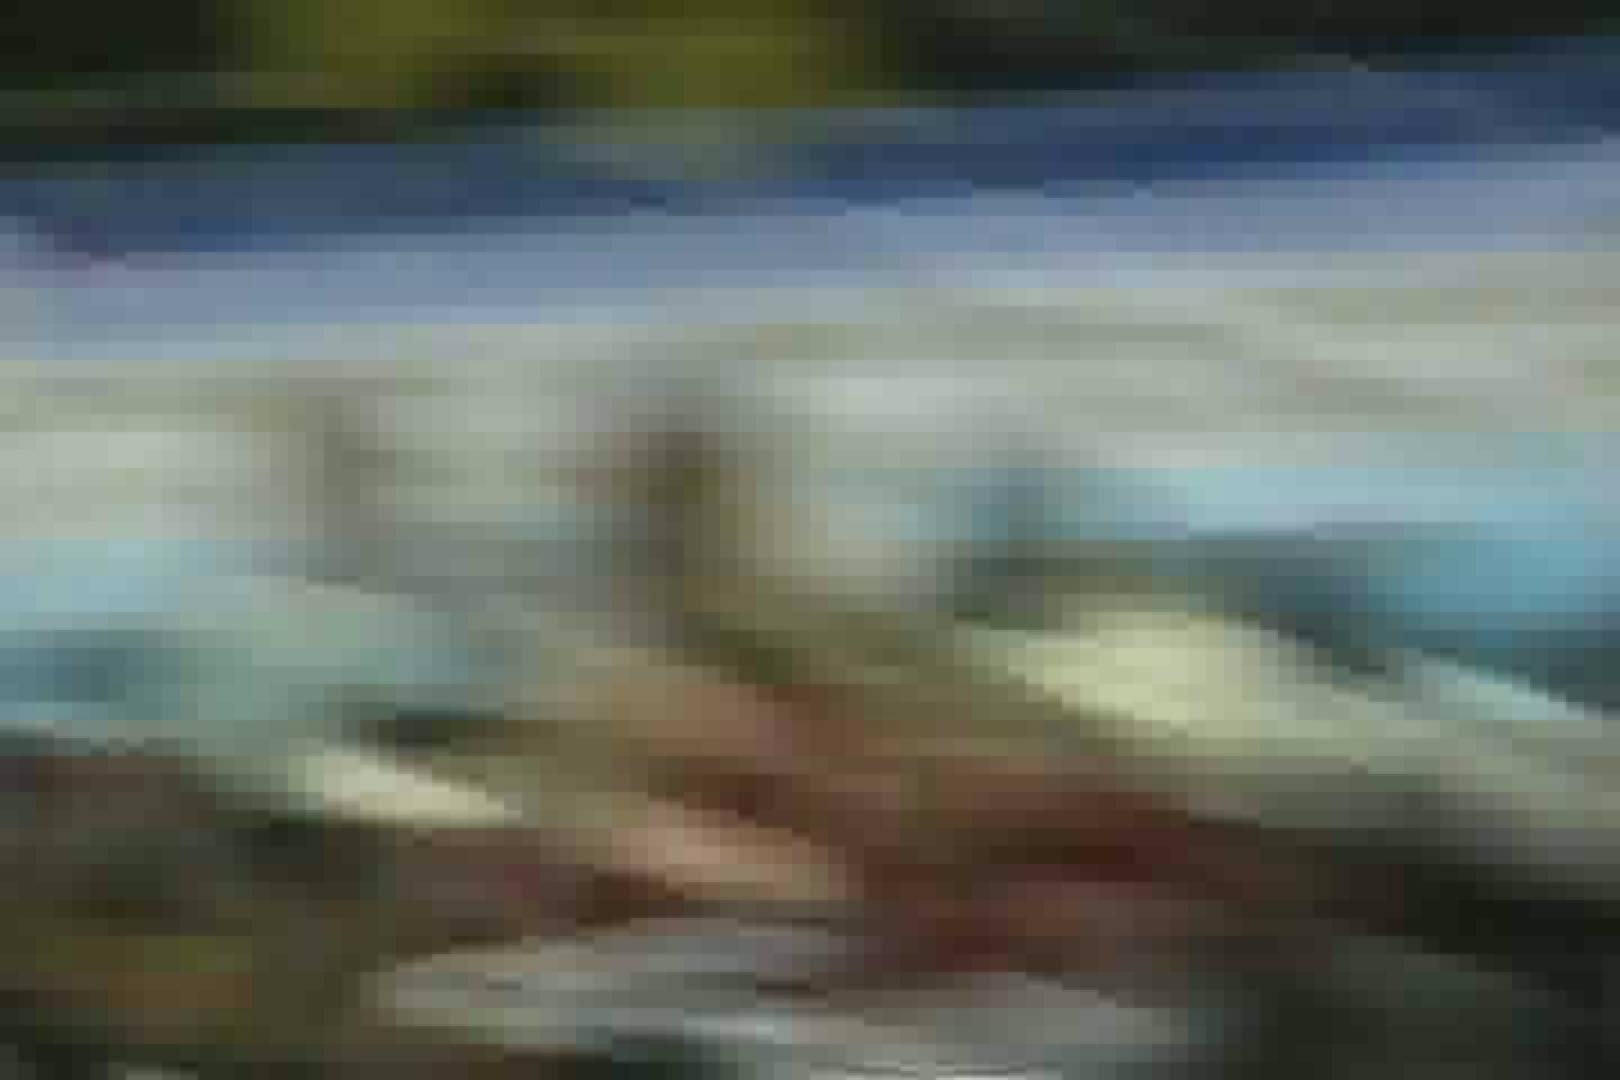 究極の食い込み!!バレーブルマVol.7 美しいOLの裸体  84pic 14